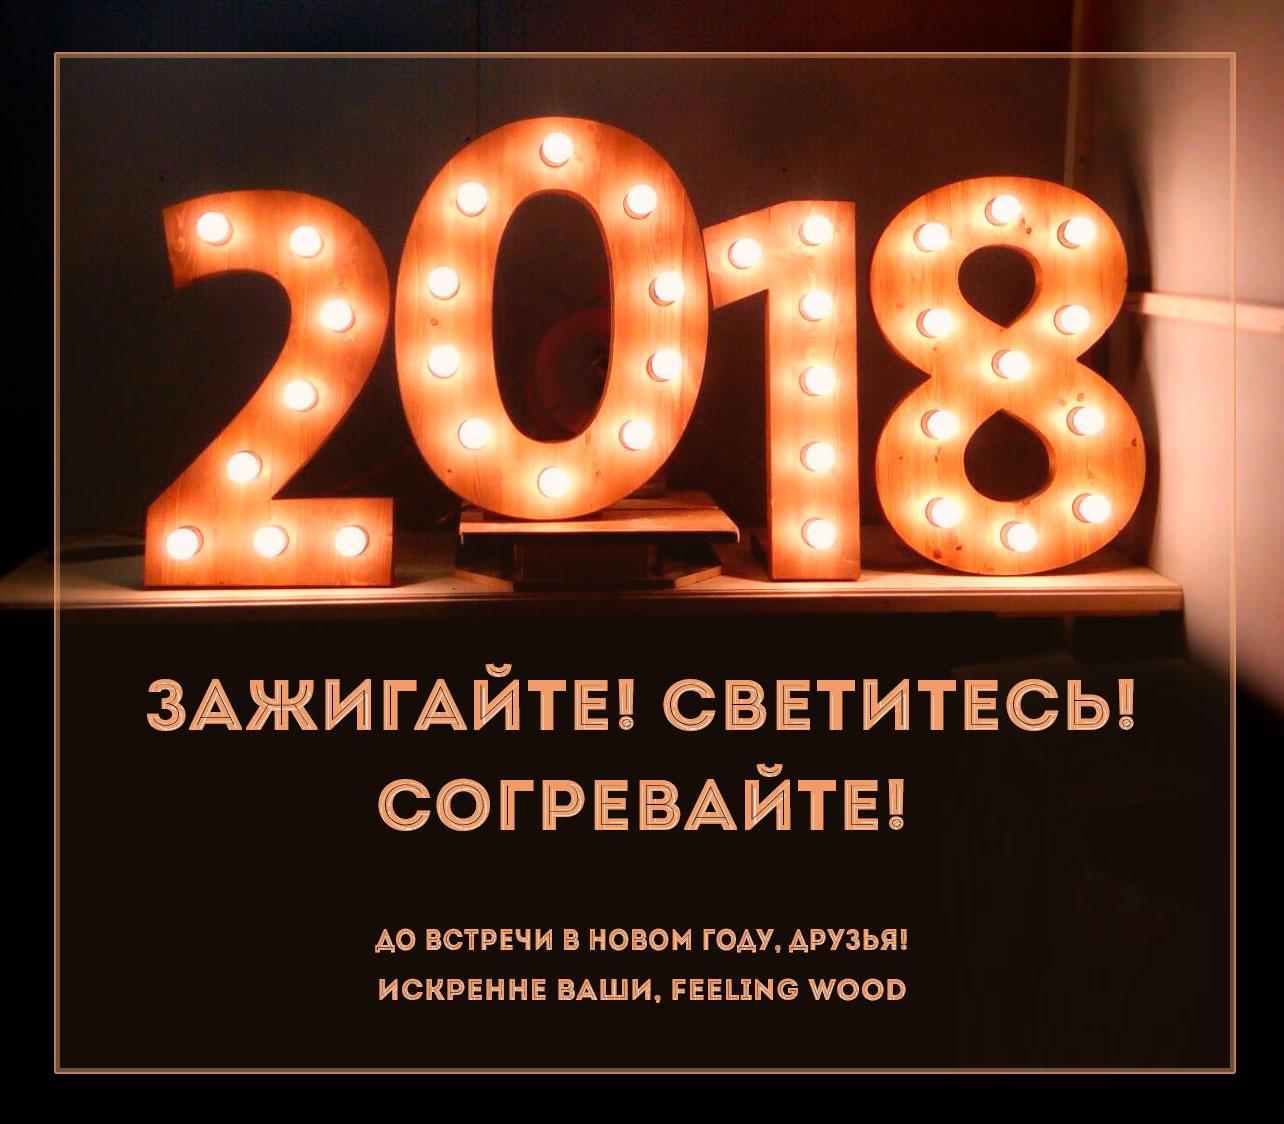 Зажигайте! Feeling Wood 2017 2018